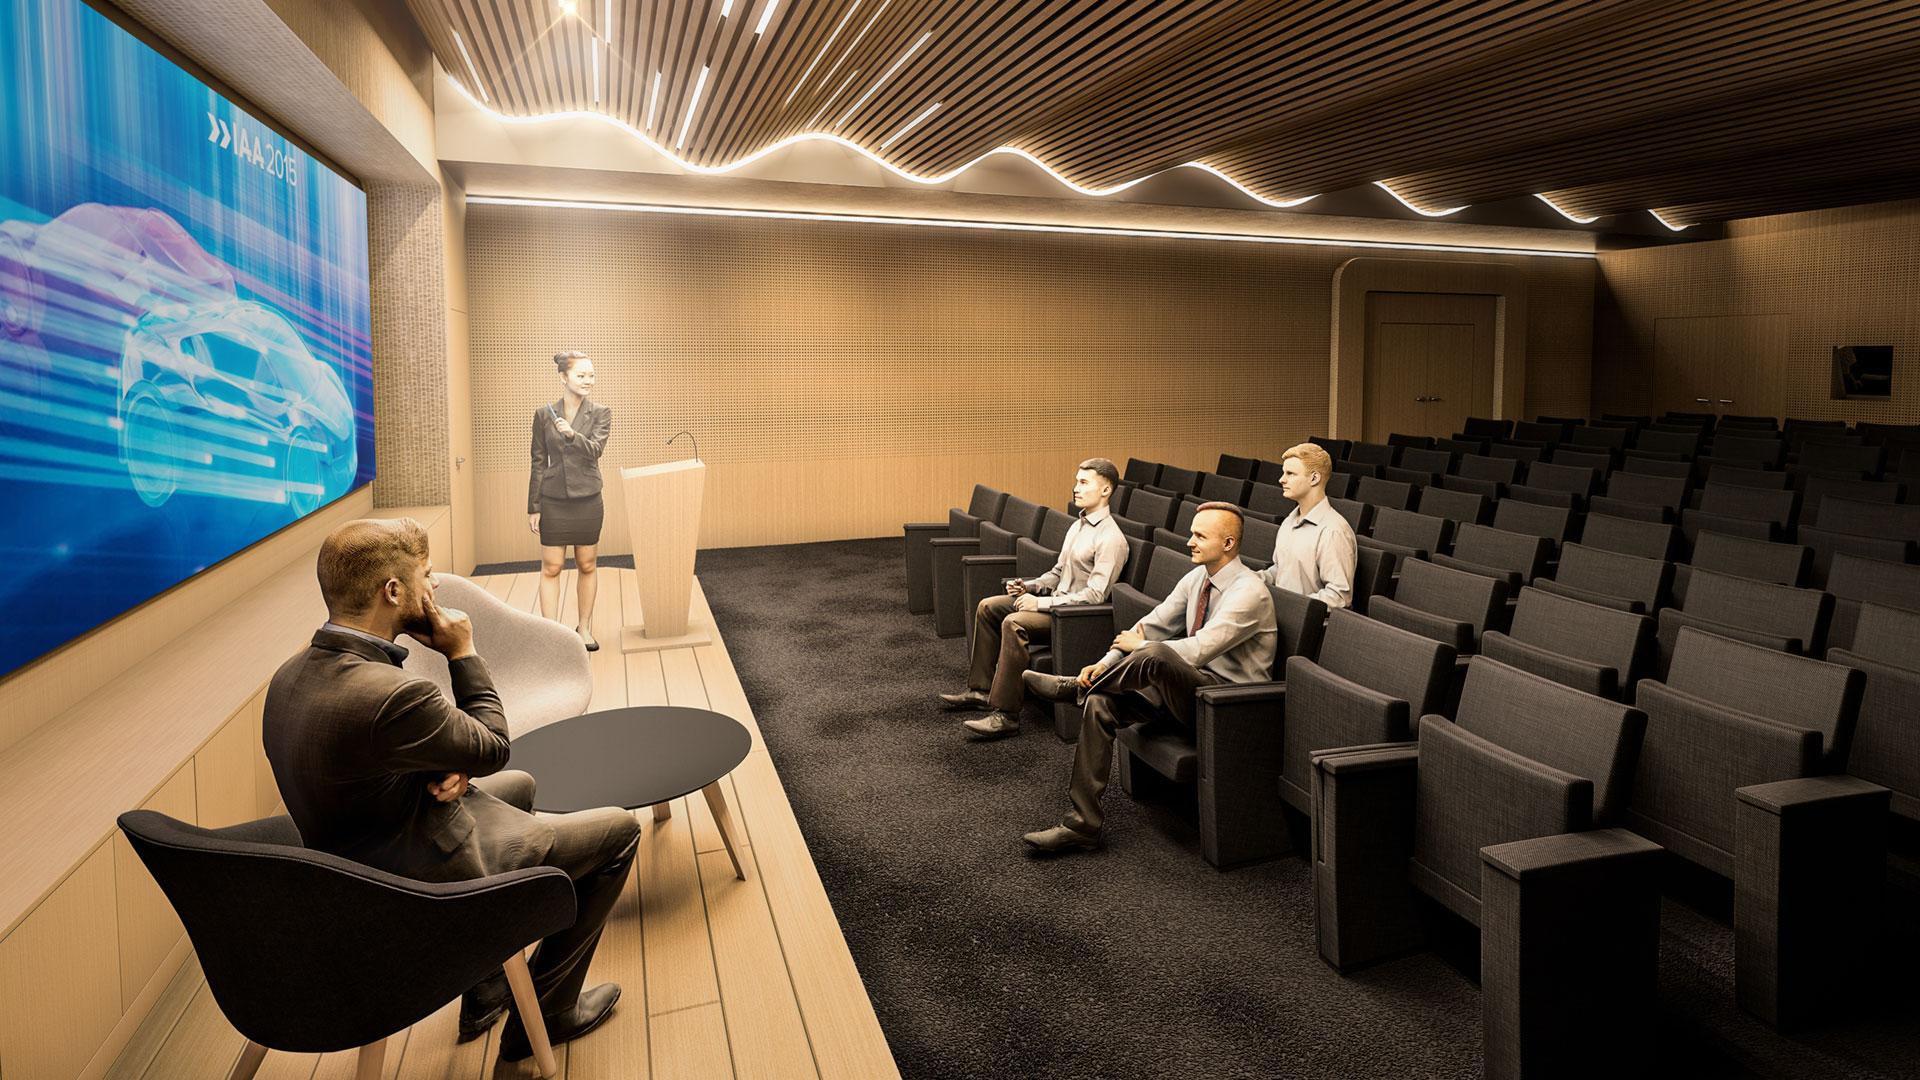 auditorium 3d bois